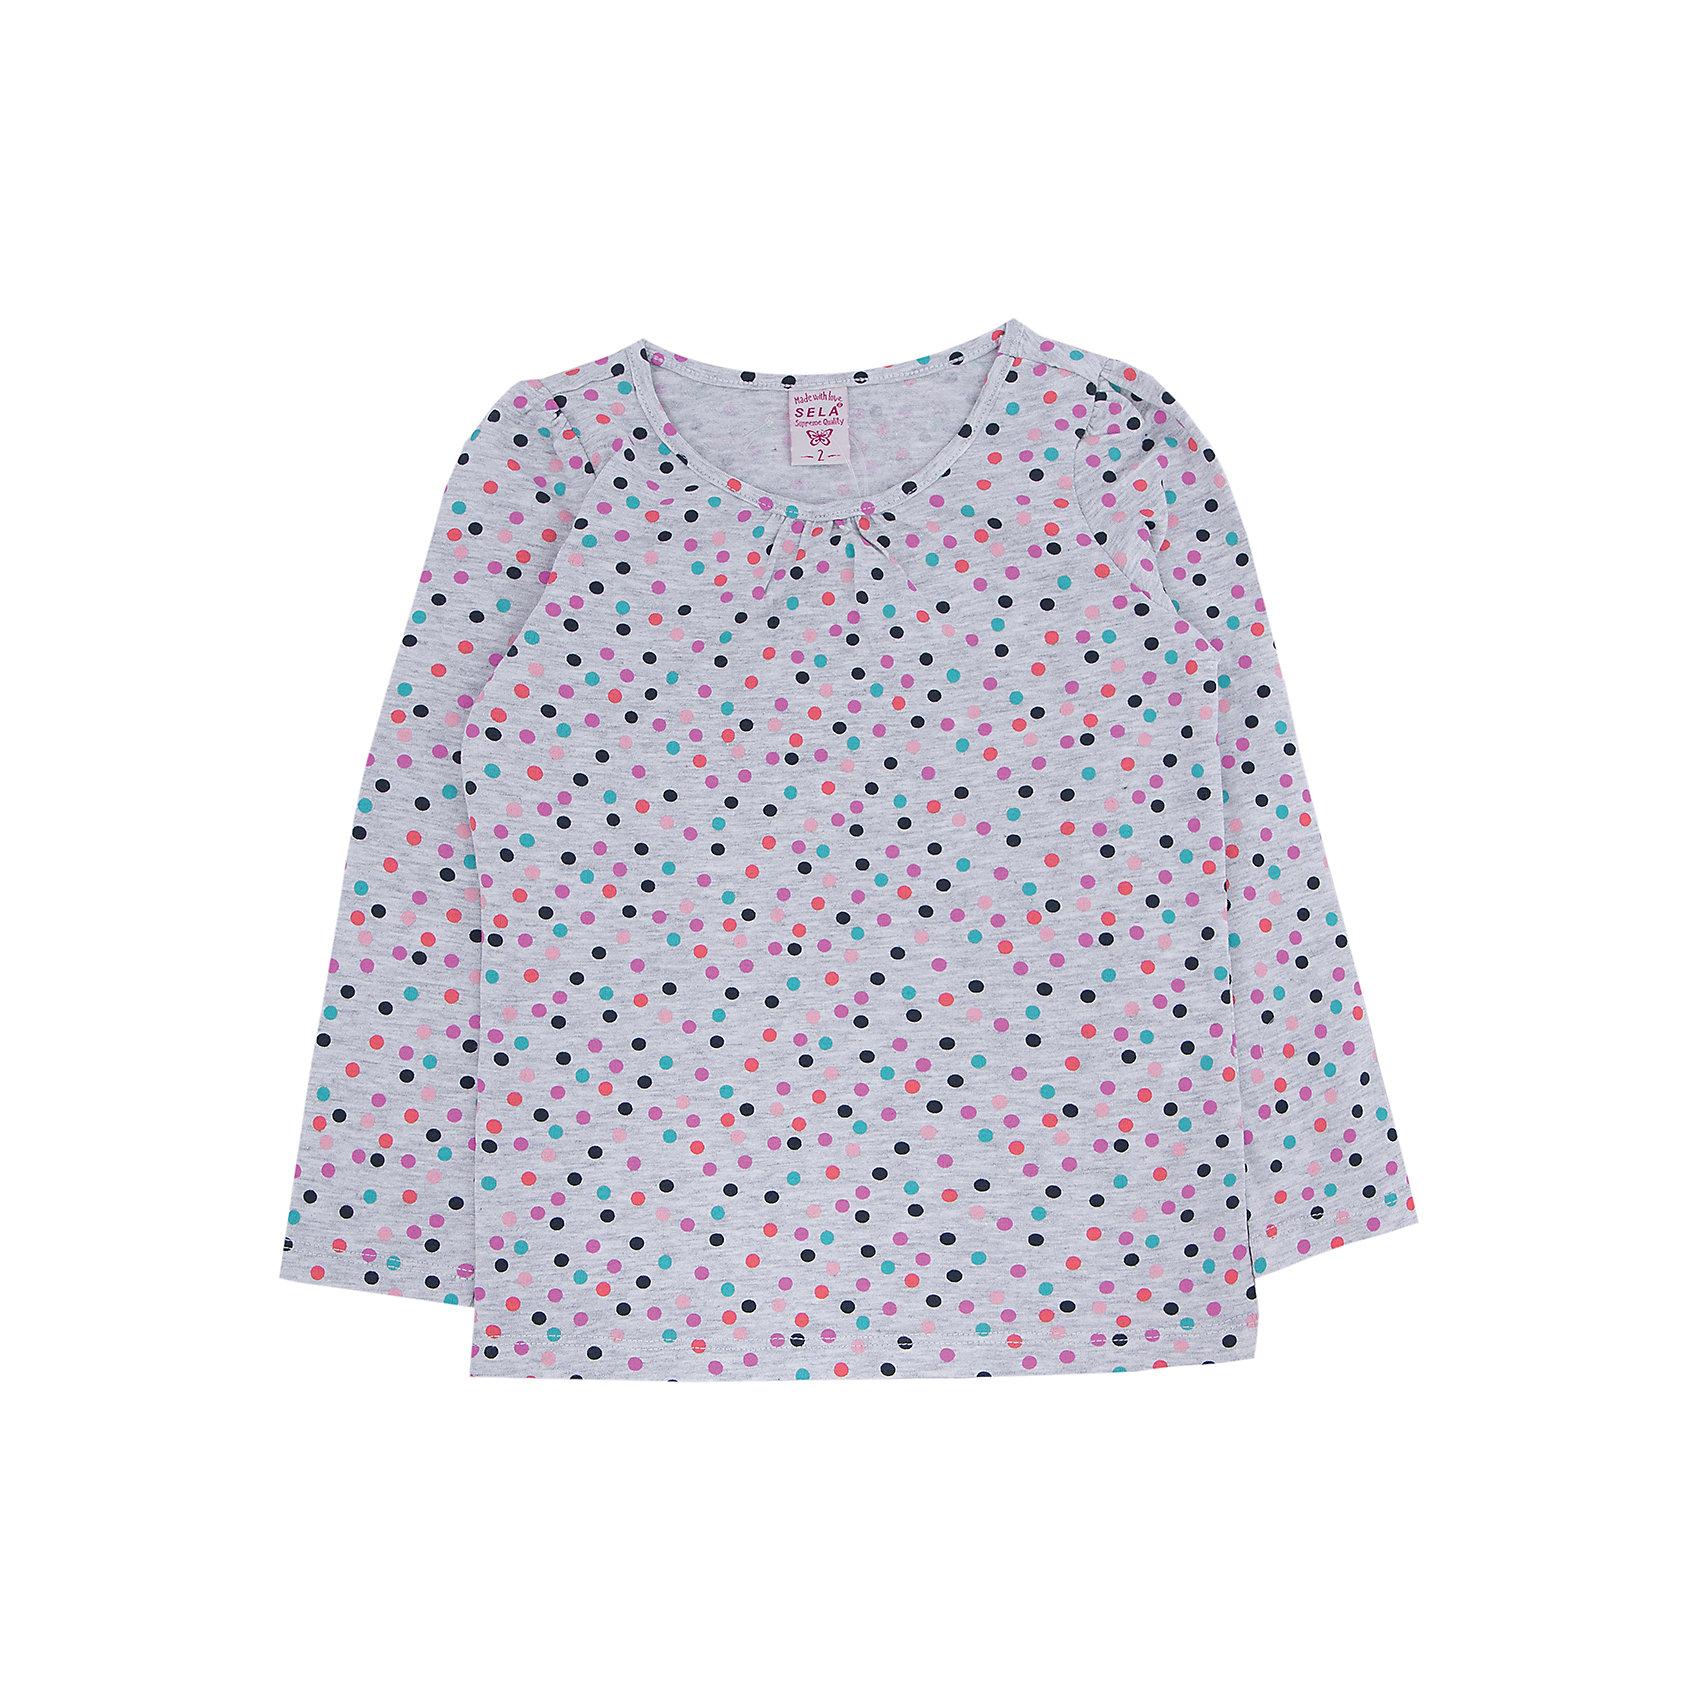 Футболка с длинным рукавом для девочки SELAДжемпер для девочки из коллекции осень-зима 2016-2017 от известного бренда Sela(сэла).<br>Модель имеет прямой силуэт и длинные рукава. Отлично сочетается и с джинсами, и с юбкой.<br>Особенности:<br>-прямой силуэт<br>-длинные рукава<br>-нормальная длина<br>Состав: 5% эластан, 95% хлопок<br>Джемпер для девочек Sela(сэла) можно купить в нашем интернет-магазине.<br><br>Ширина мм: 190<br>Глубина мм: 74<br>Высота мм: 229<br>Вес г: 236<br>Цвет: серый<br>Возраст от месяцев: 48<br>Возраст до месяцев: 60<br>Пол: Женский<br>Возраст: Детский<br>Размер: 110,116,92,98,104<br>SKU: 4883771